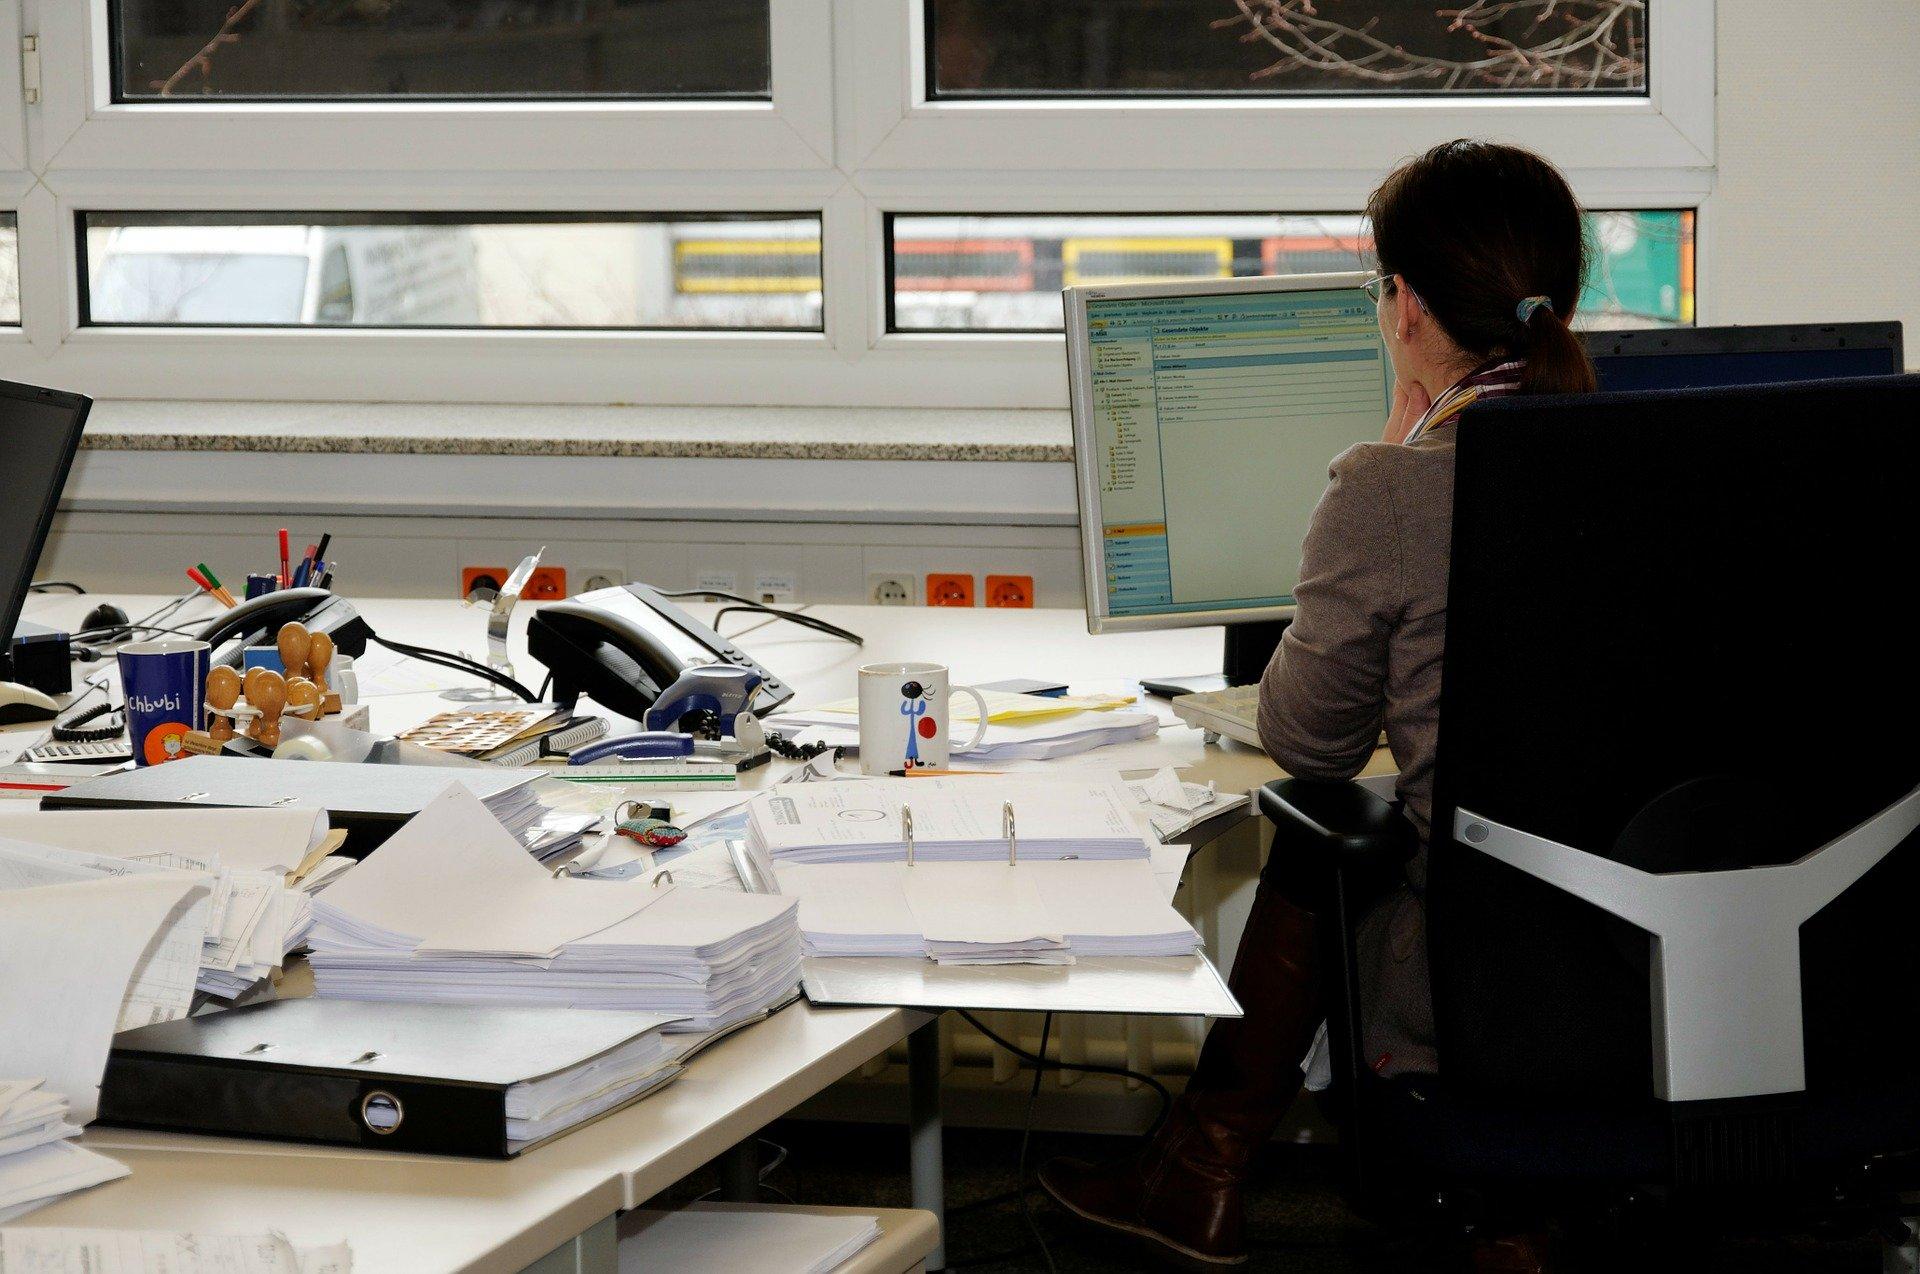 (Ελληνικά) 535 Θέσεις Εργασίας για Γραμματείς στην Ευρωπαϊκή Ένωση